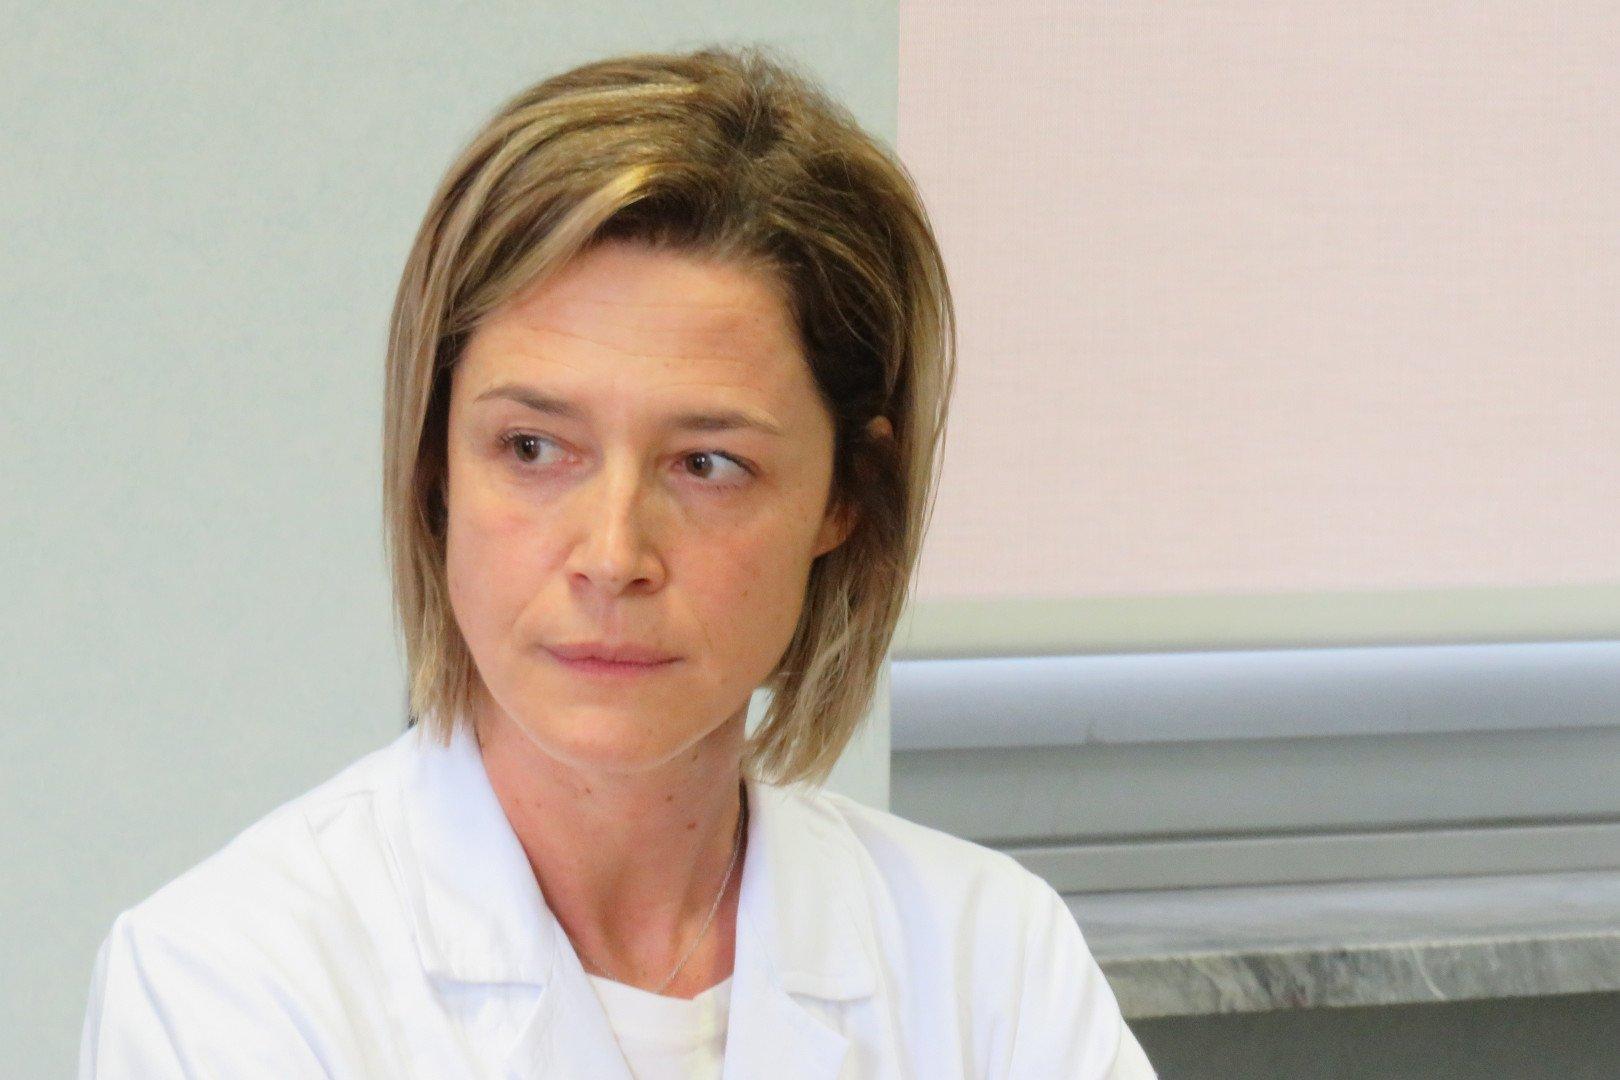 Silvia Magnani è il nuovo dirigente delle malattie infettive dell'ospedale Parini, sostituisce Alberto Catania che torna a casa, in Emilia-Romagna